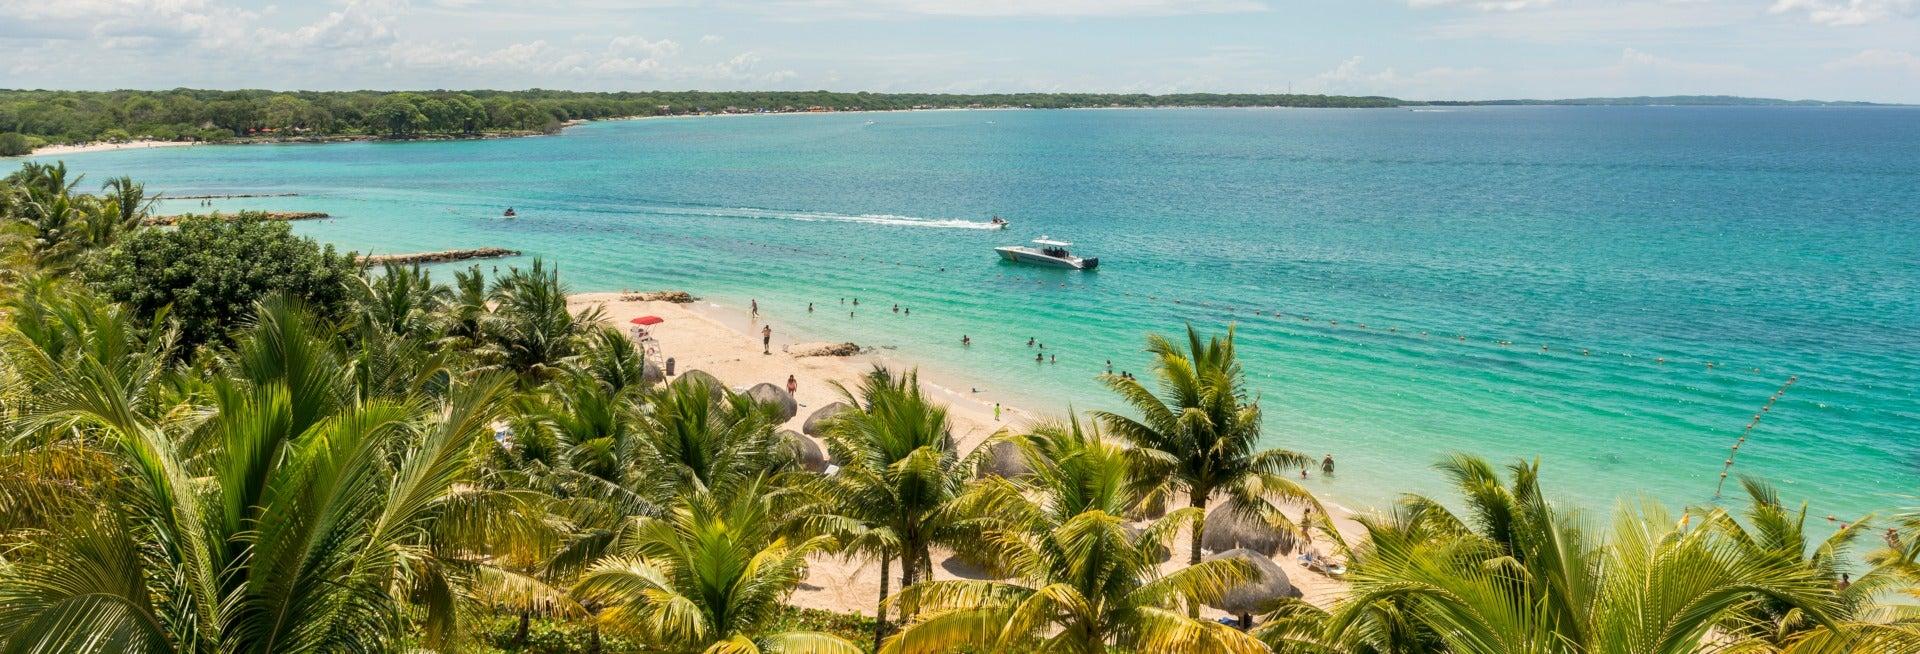 Escursione a Cartagena e alle Isole del Rosario